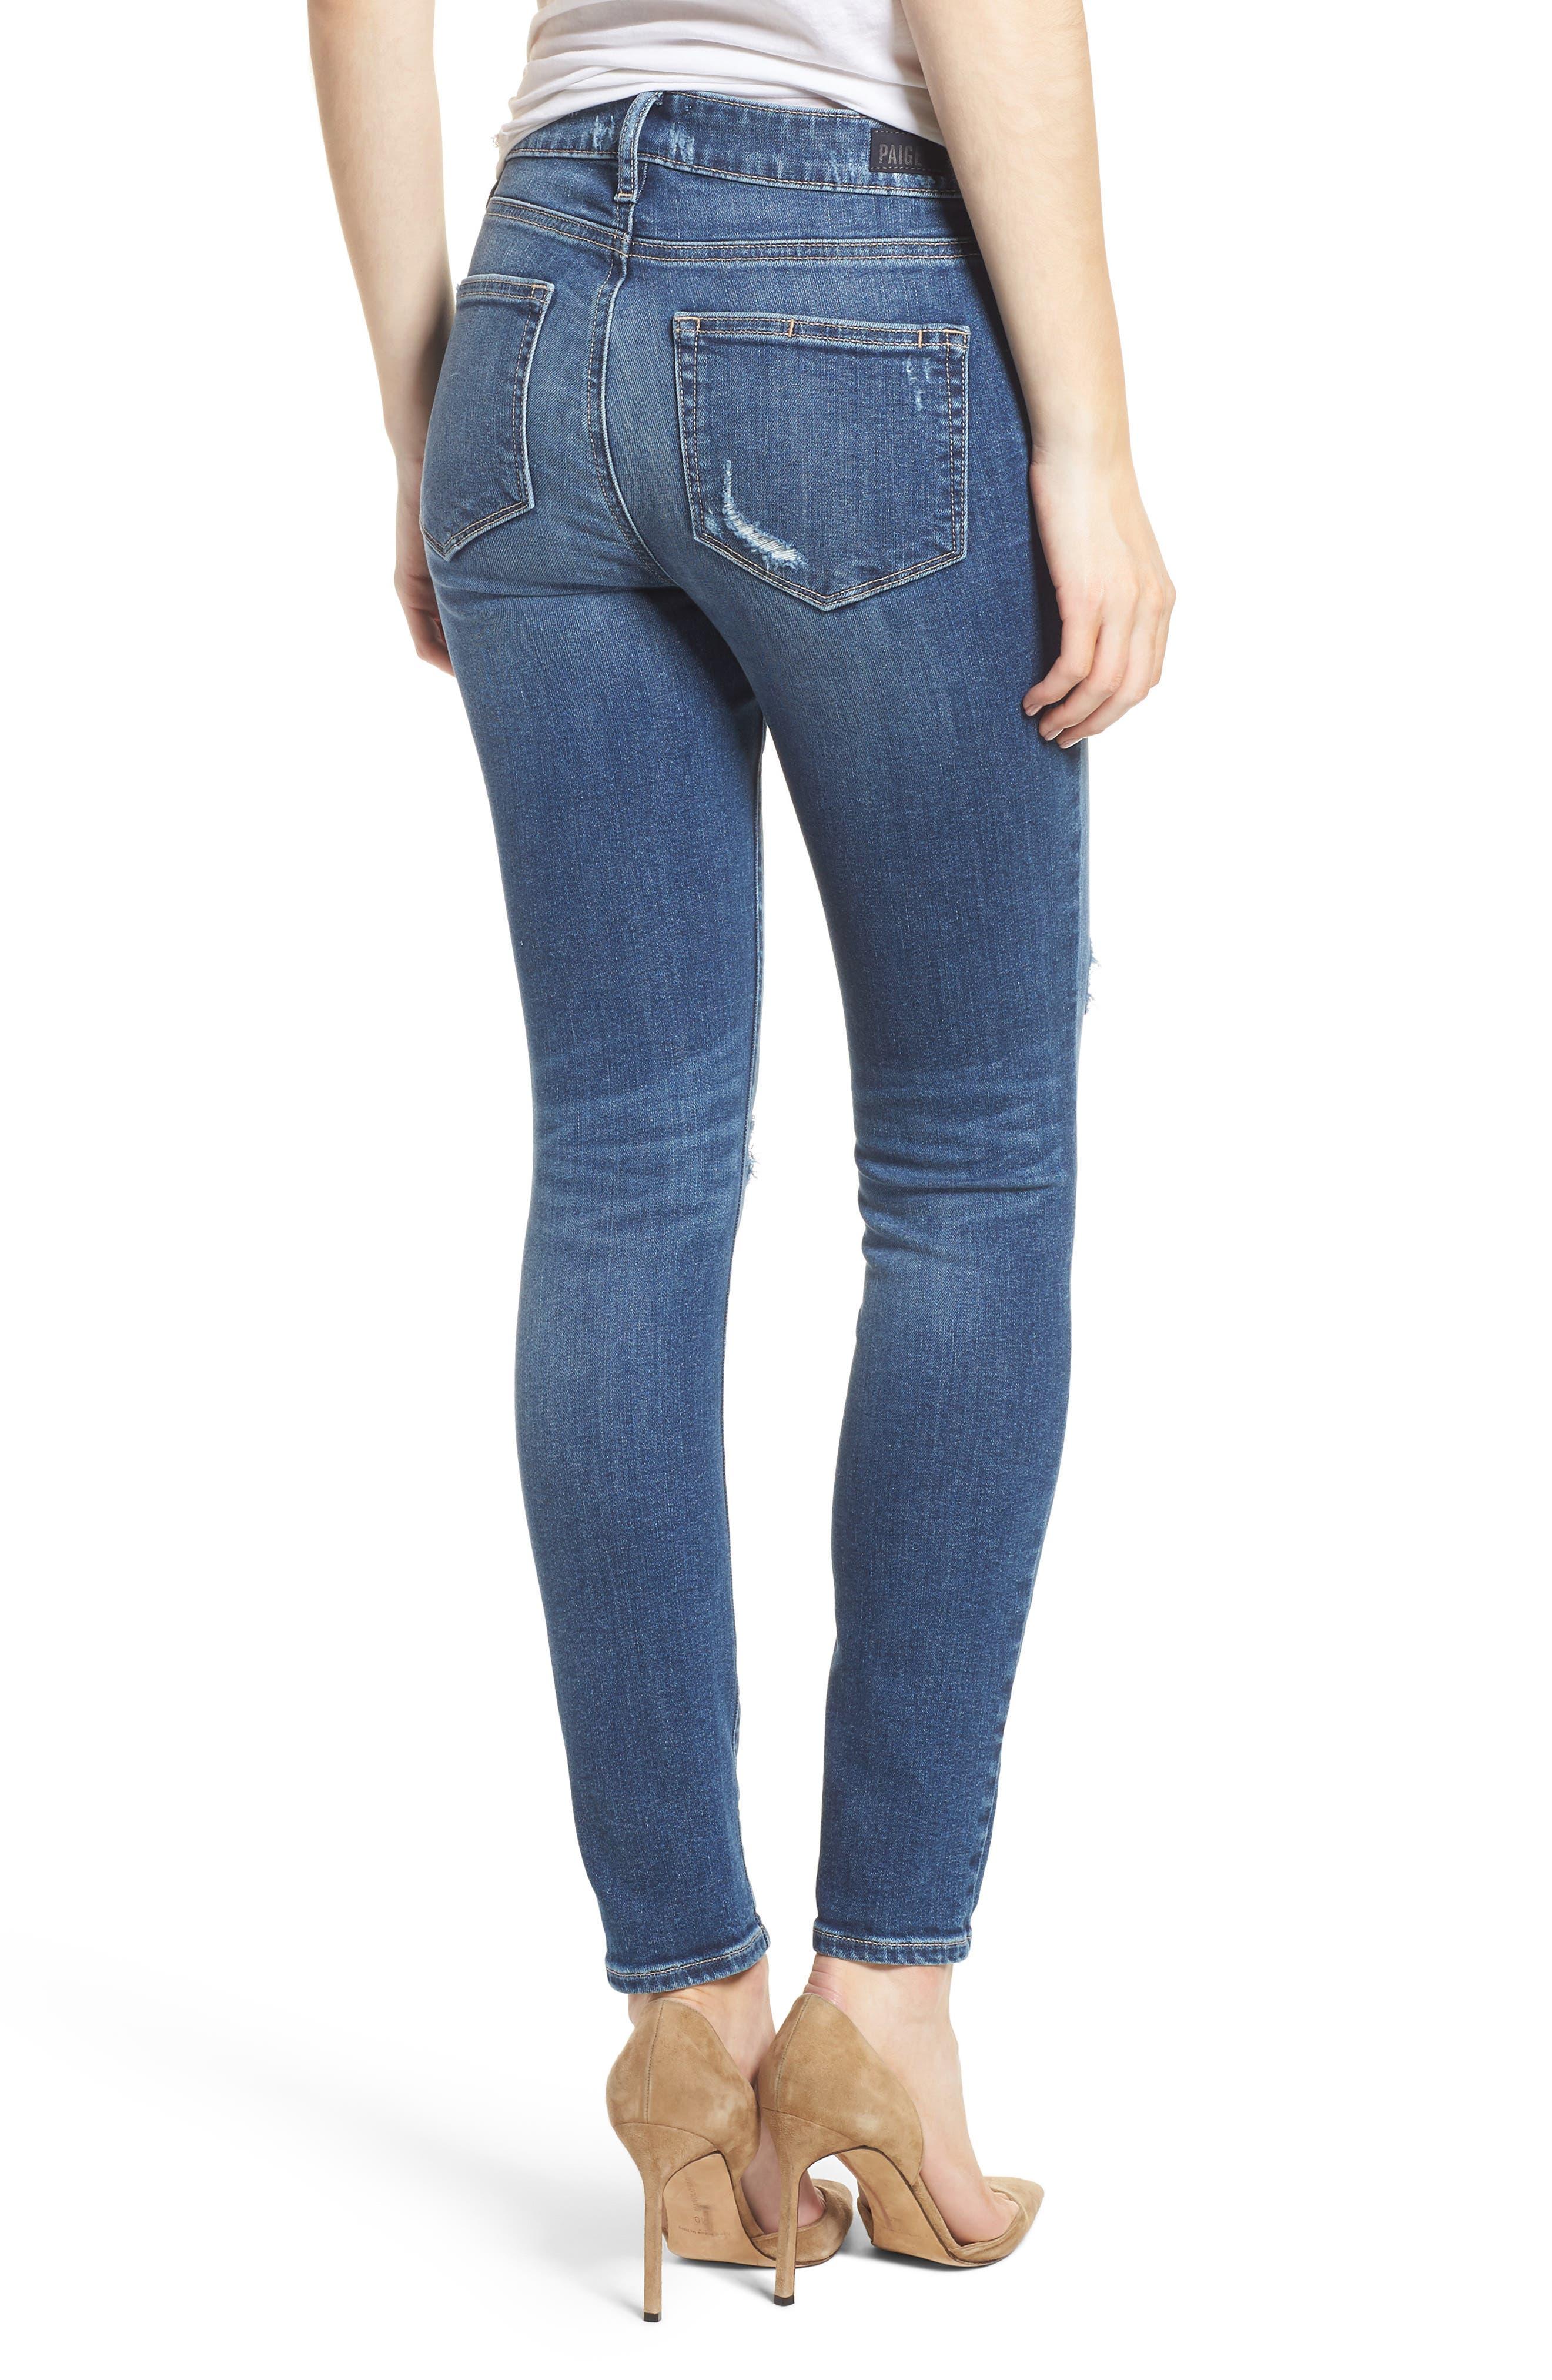 Transcend Vintage - Verdugo Ankle Skinny Jeans,                             Alternate thumbnail 2, color,                             Pico Destructed